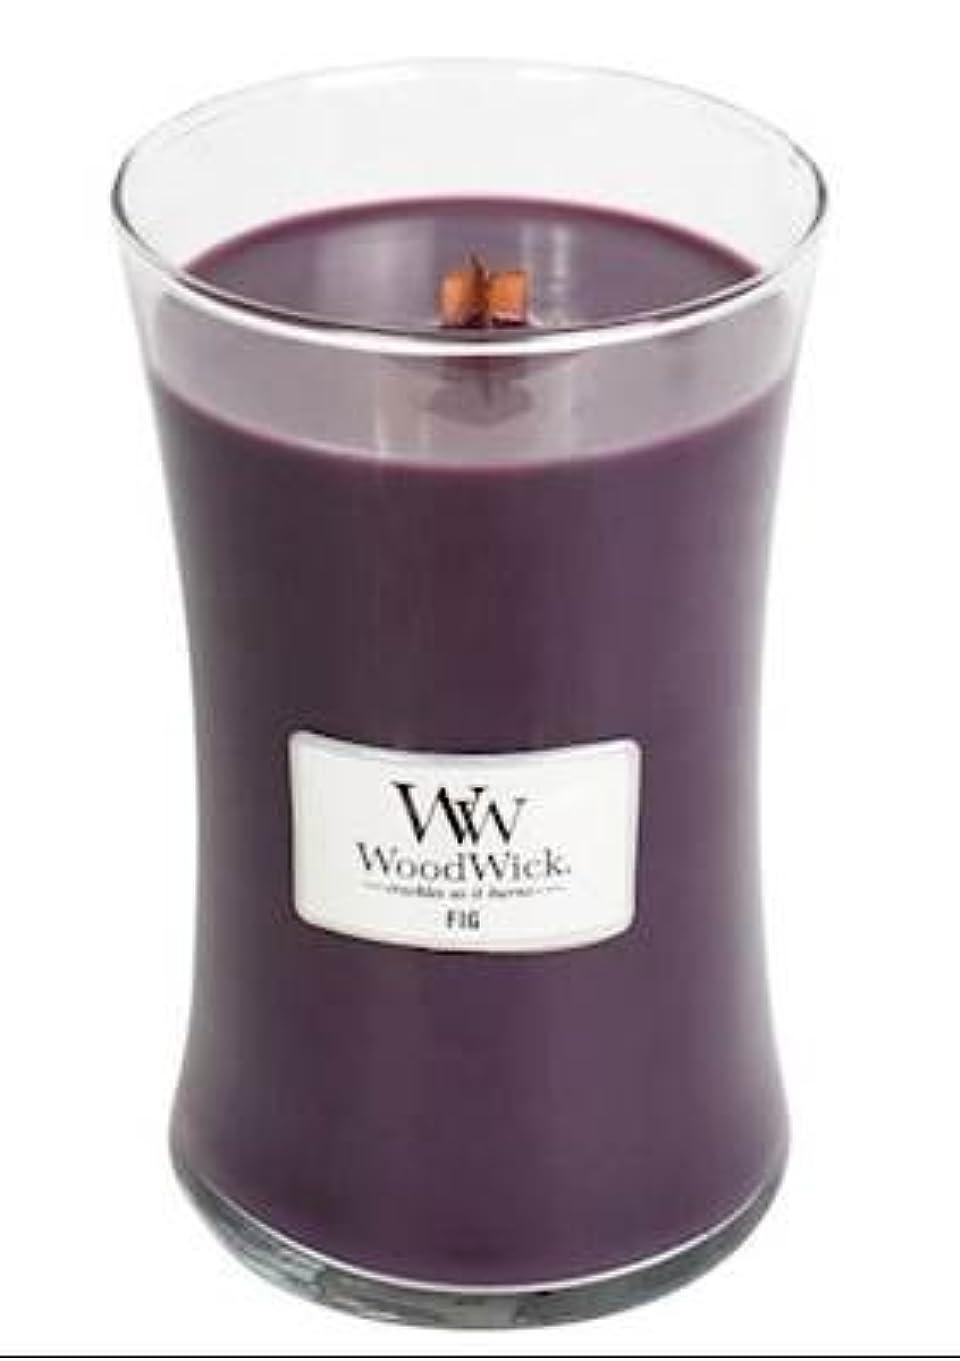 割り当てます検出器割り当てますFig – WoodWick 22oz Medium Jar Candle Burns 180時間